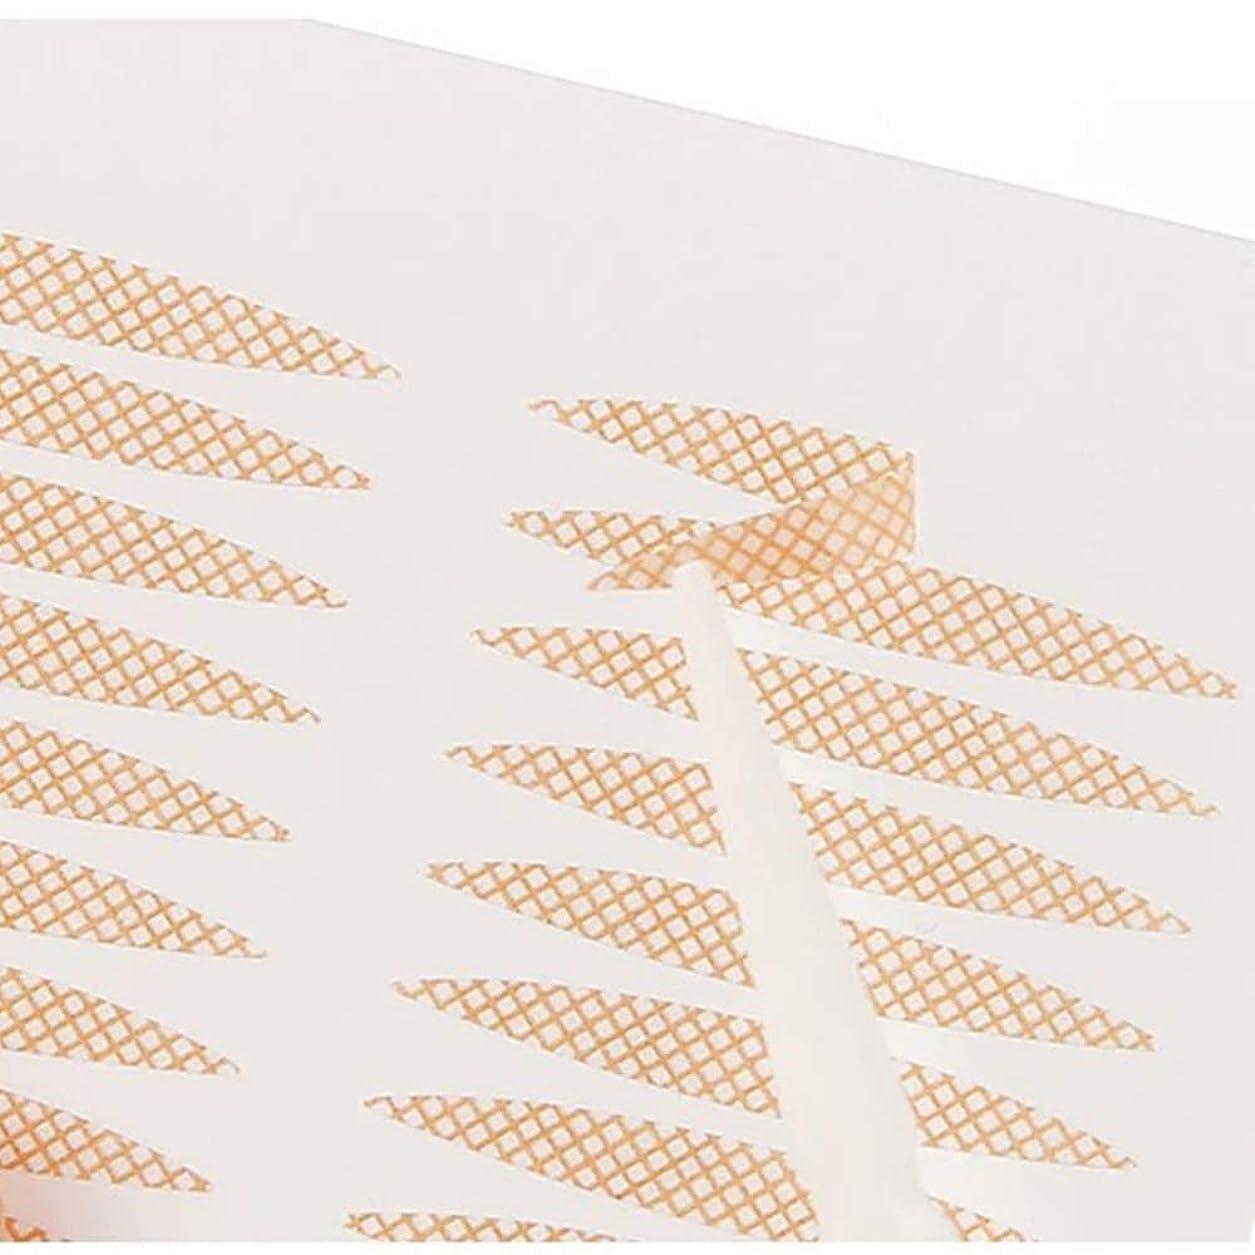 排除音楽尊敬するSweetSweetShop メッシュ式二重テープ 二重まぶた アイテープ ふたえまぶたテープ 癖付け 絆創膏タイプ 半月型 楕円型 240枚 120回分 4ヶ月分 プッシャー付き (半月タイプ細め240枚)